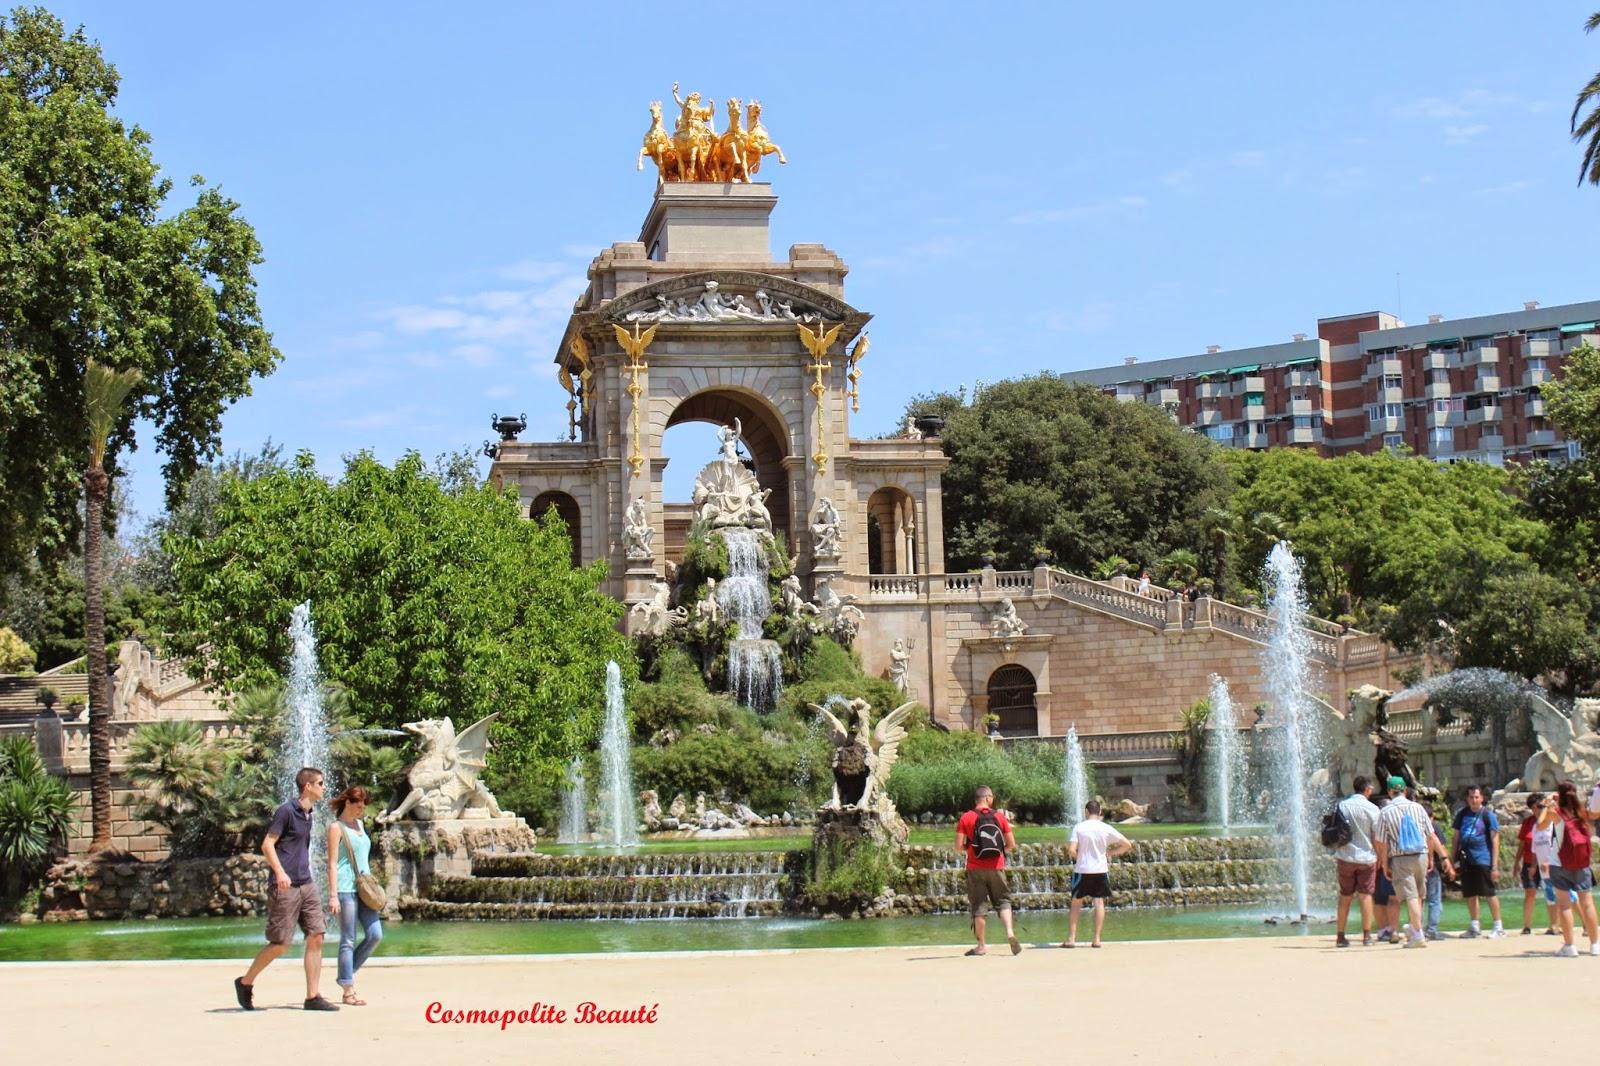 La ciutadella, Barcelone, Espagne, voyage, carnet de voyage, Barcelona, beauté, mode, boutiques